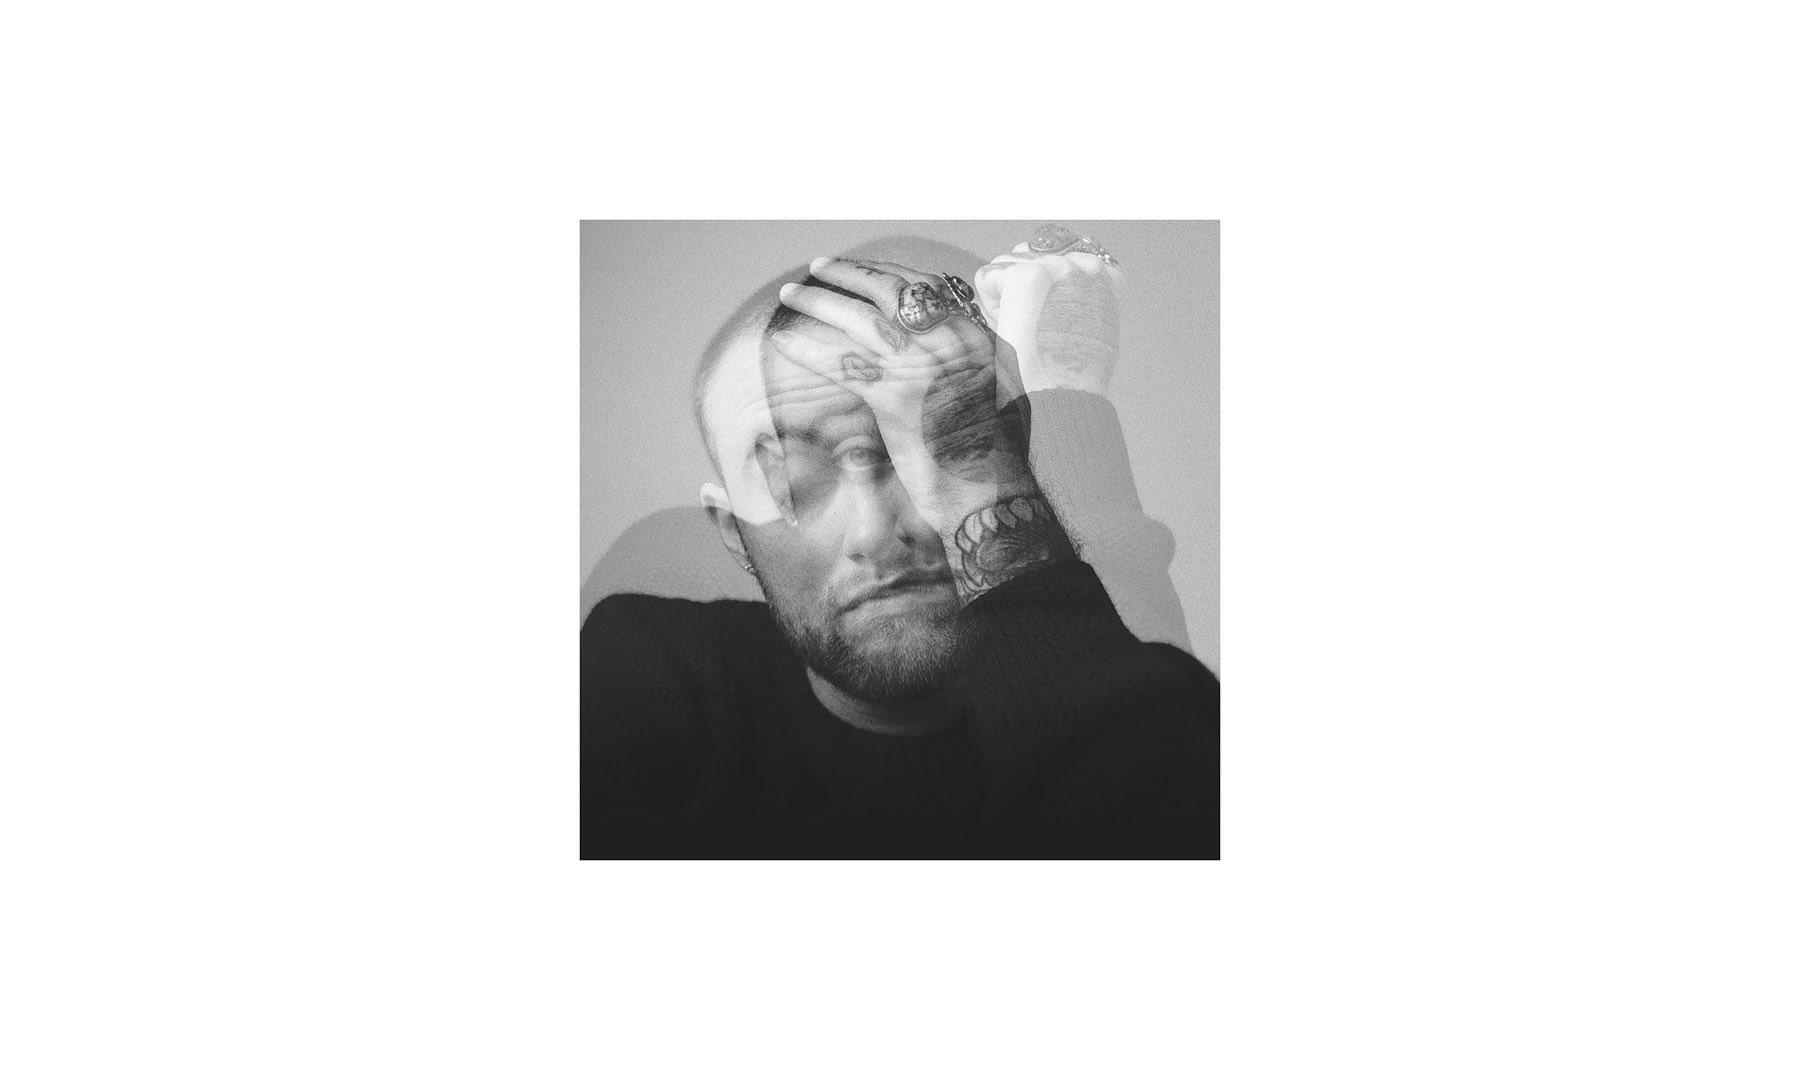 已故歌手 Mac Miller 新专辑《Circles》下周五发布